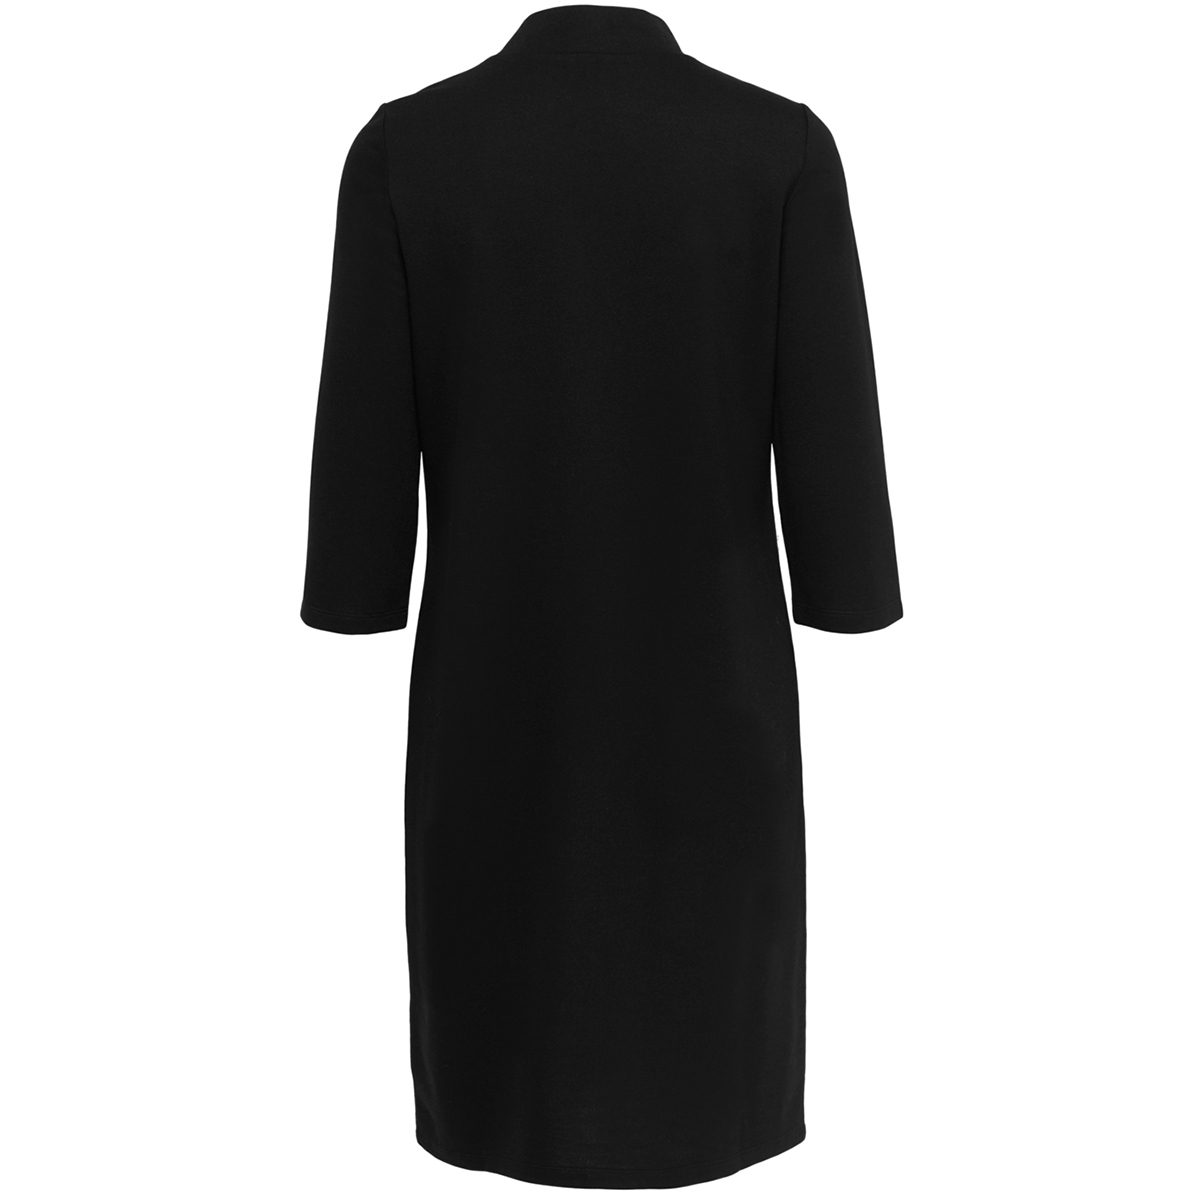 jdyselma 3/4 pocket dress jrs 15211498 jacqueline de yong jurk black